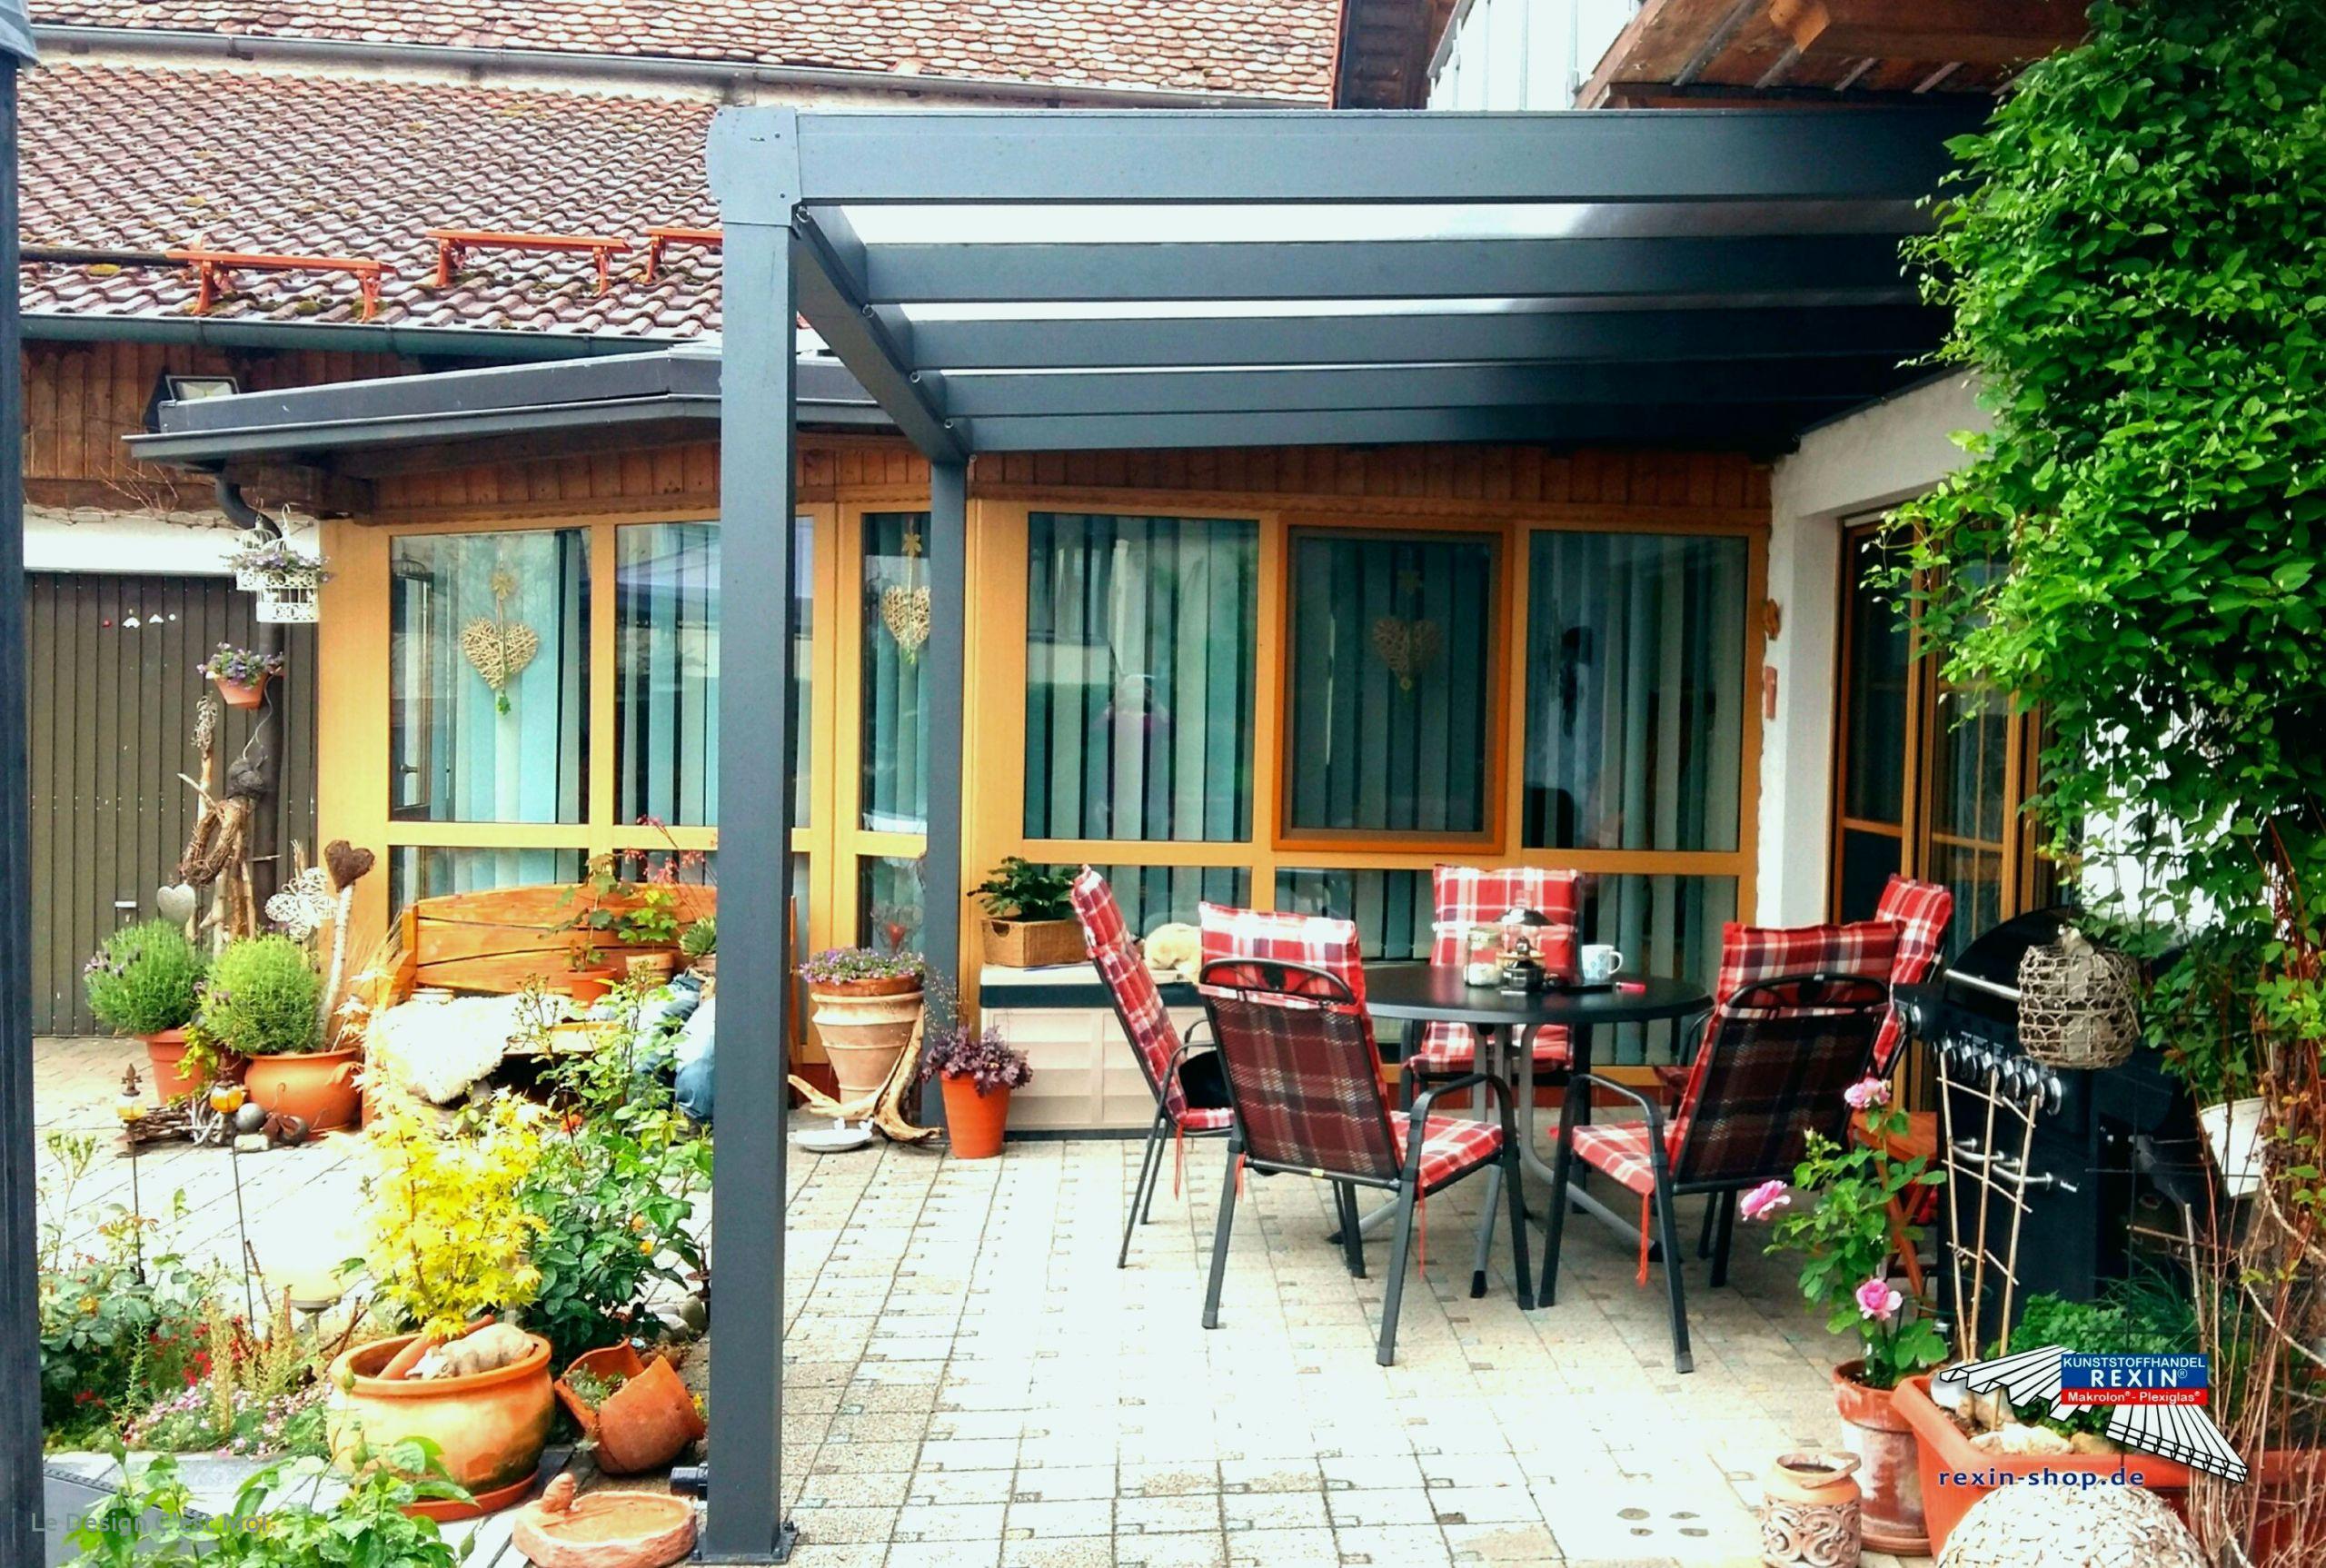 lame de terrasse bois pas cher nouveau les plus remarquable dessin pour bois pas cher pour terrasse le of lame de terrasse bois pas cher